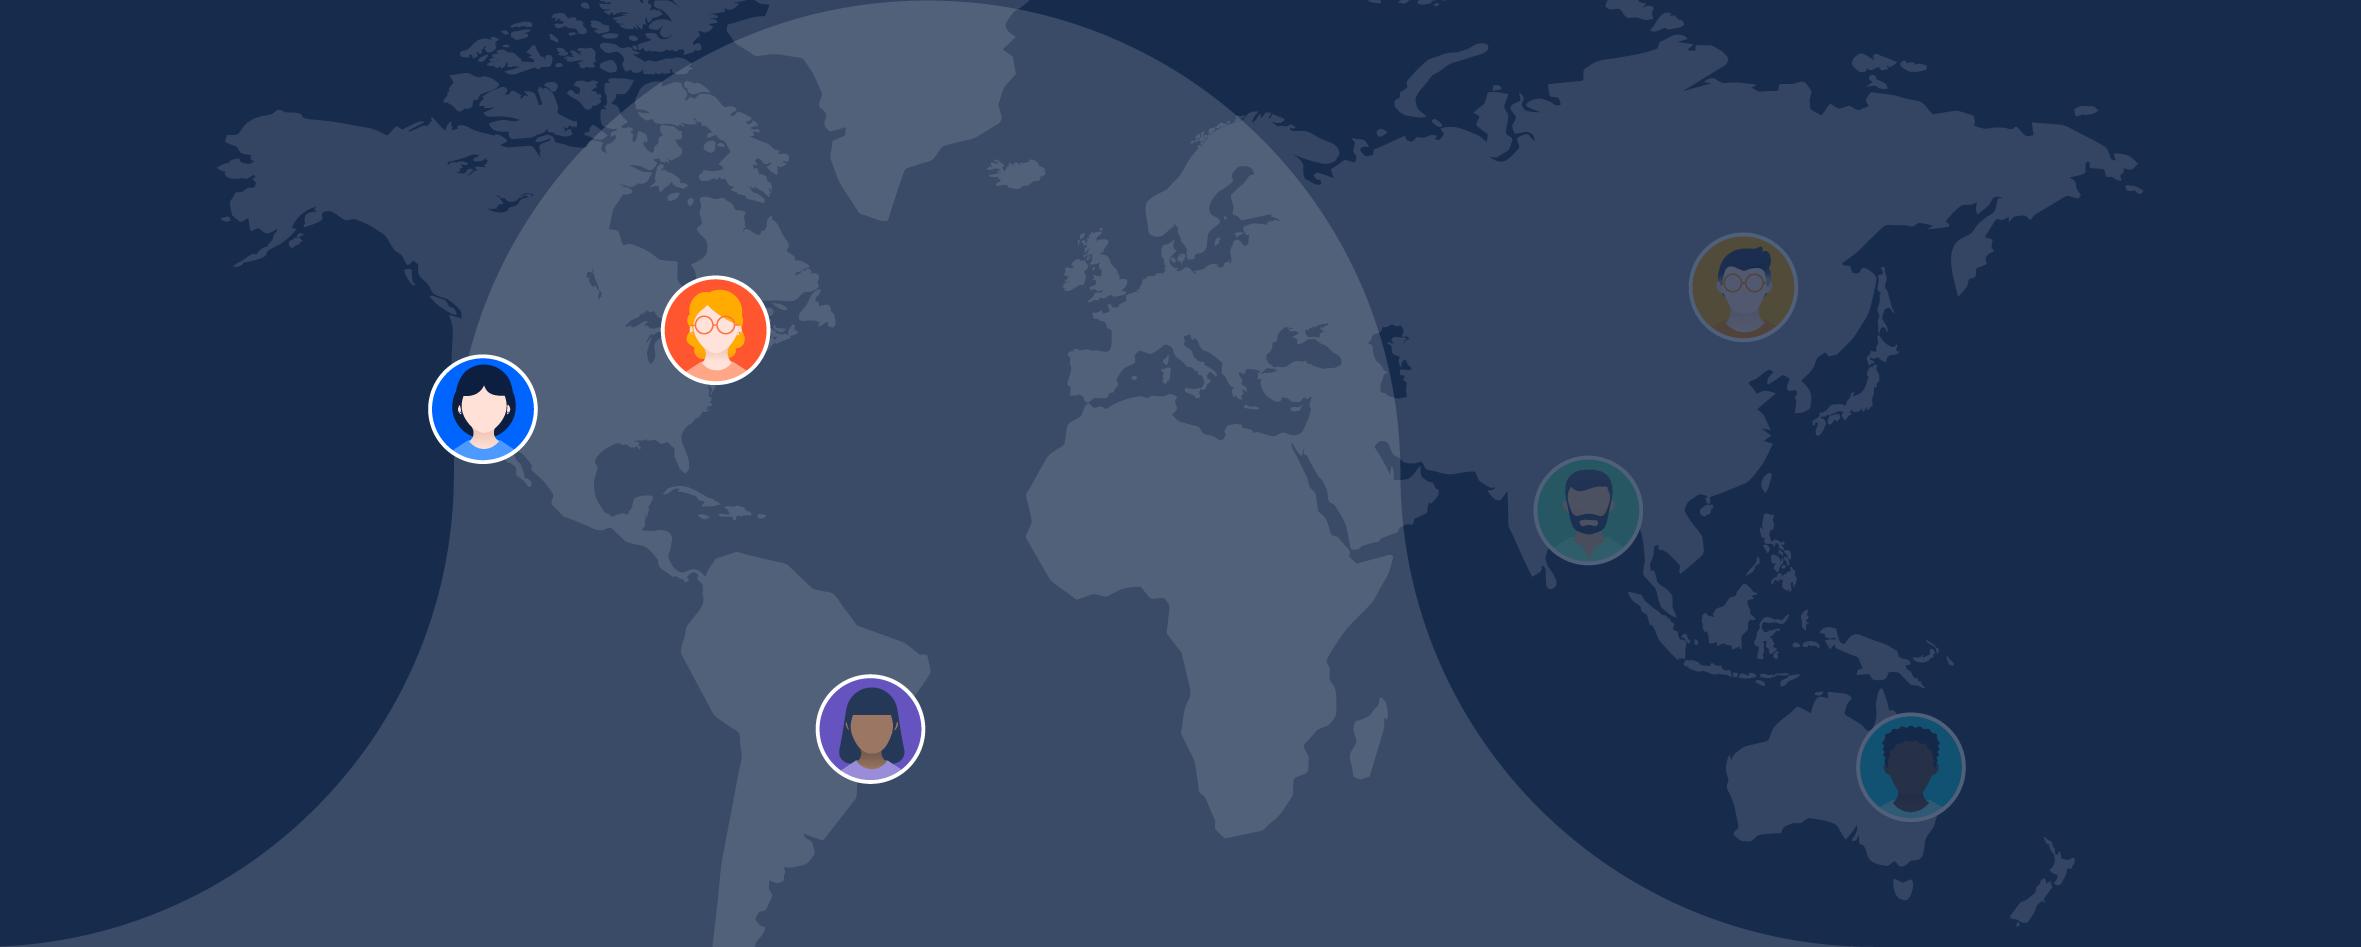 Carte du monde avec des agents mis en évidence